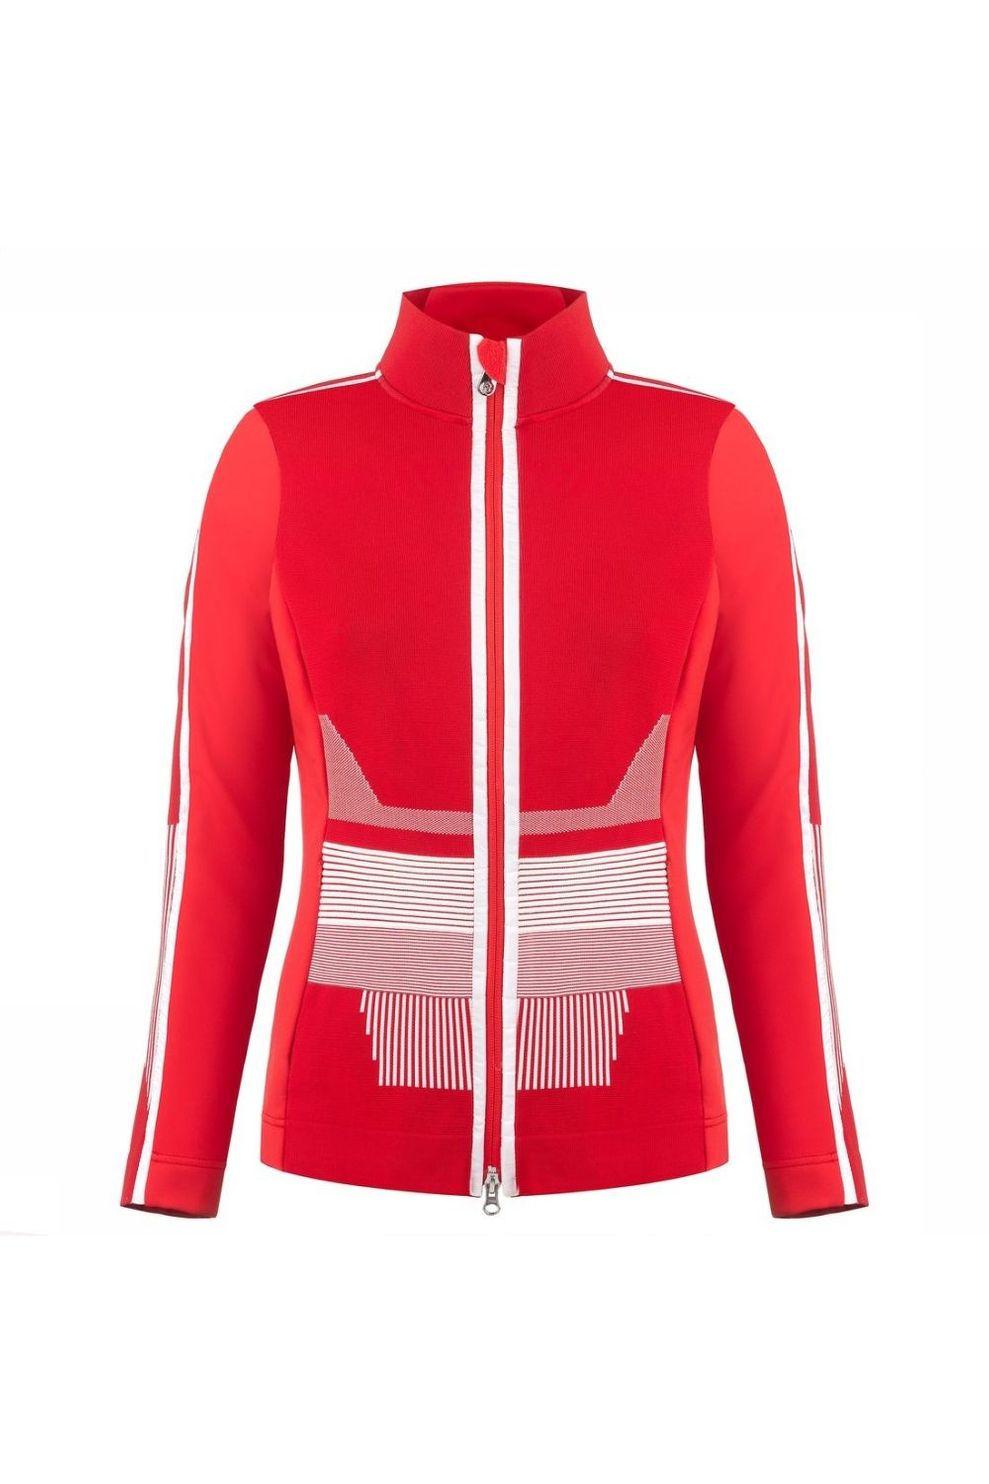 Poivre Blanc Fleece Jacket voor dames - Rood - Maten: M, L, XL